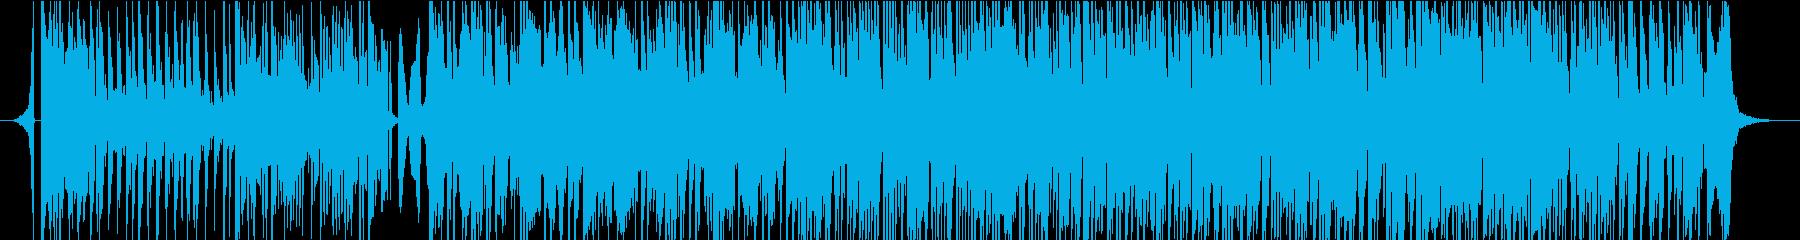 浮遊感、疾走感のあるダルシマーのBGMの再生済みの波形